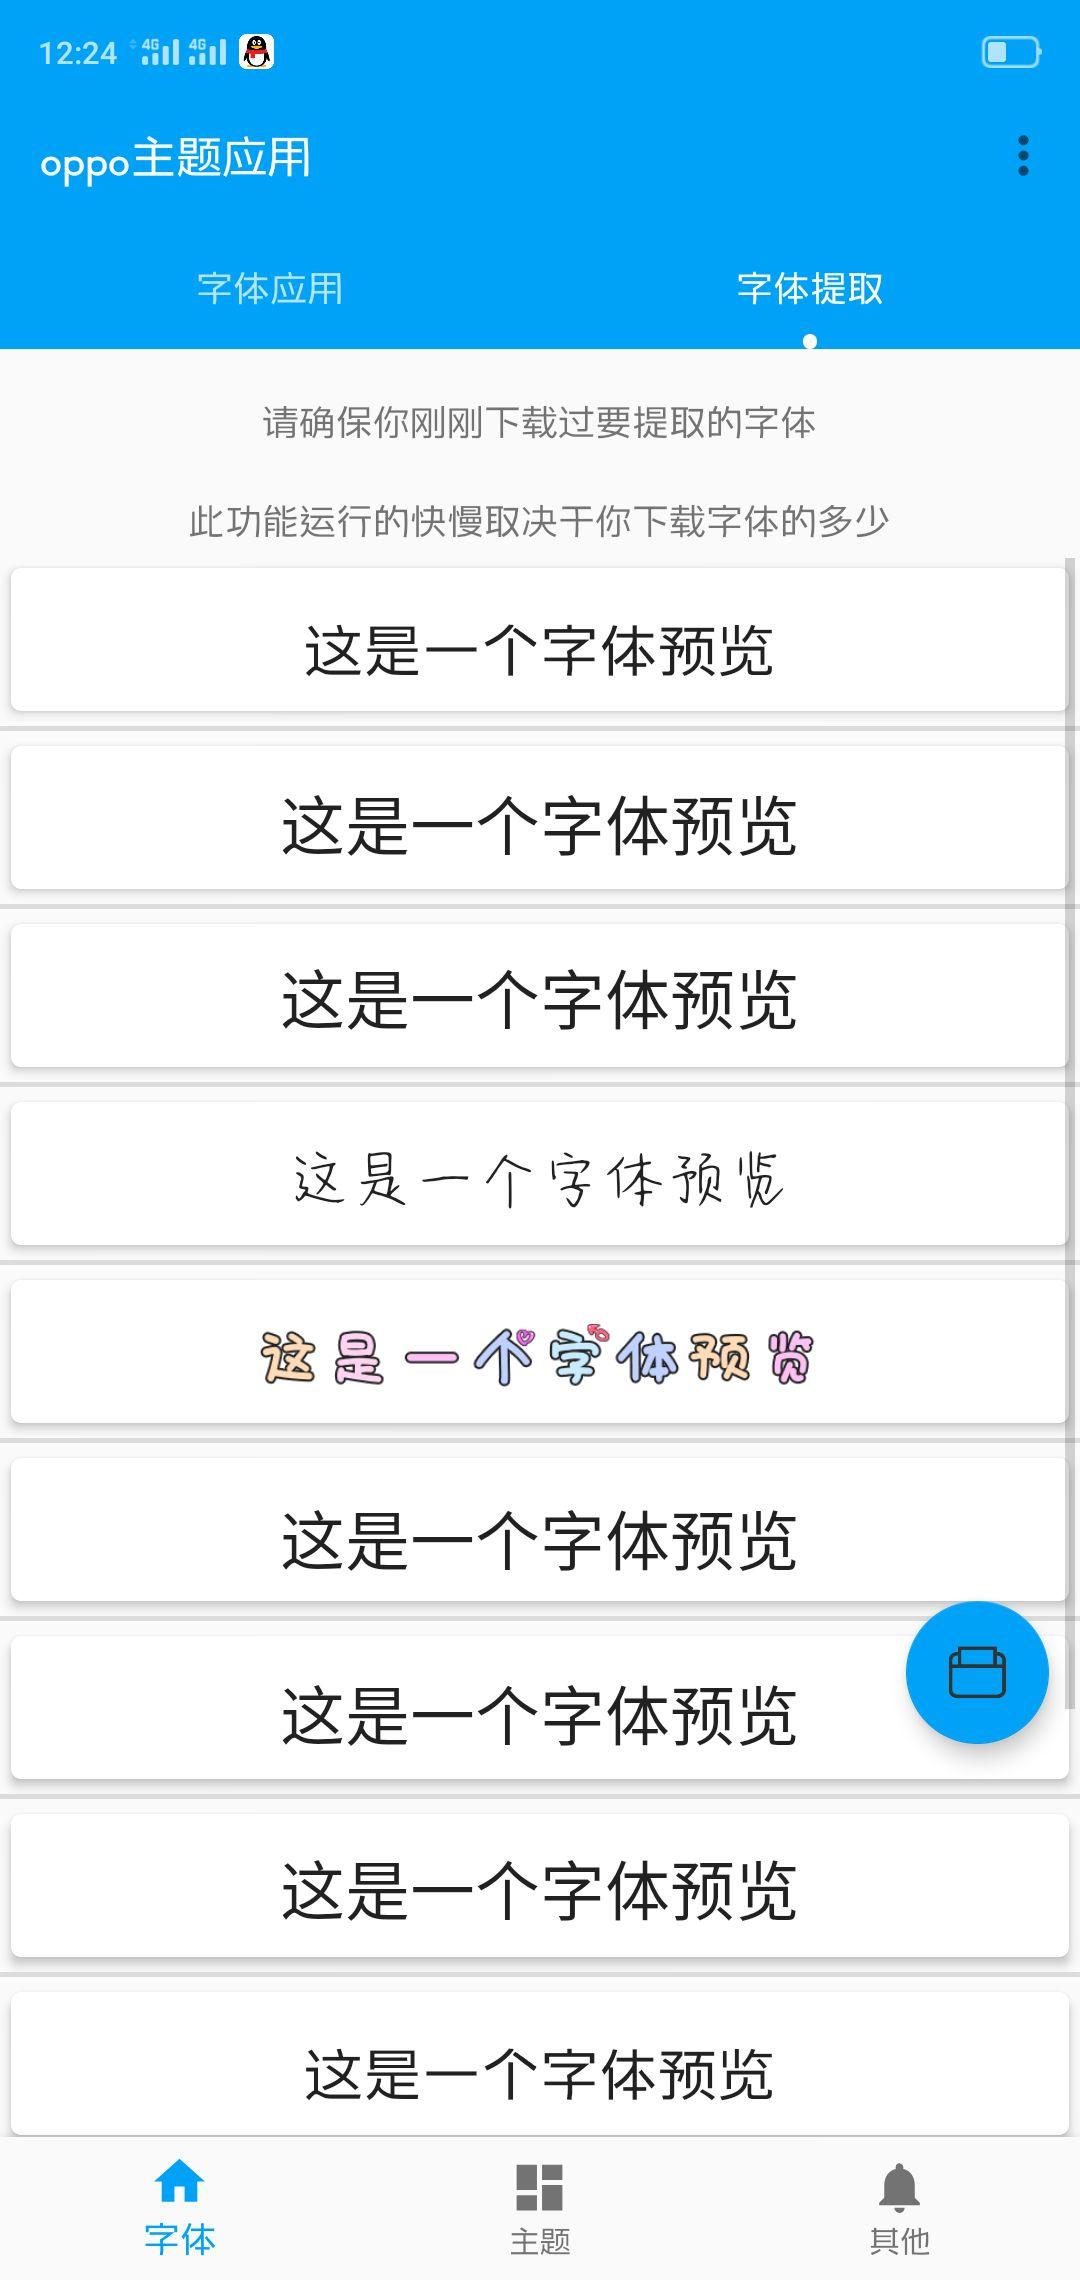 【分享】oppo手机使用第三方字体及主题